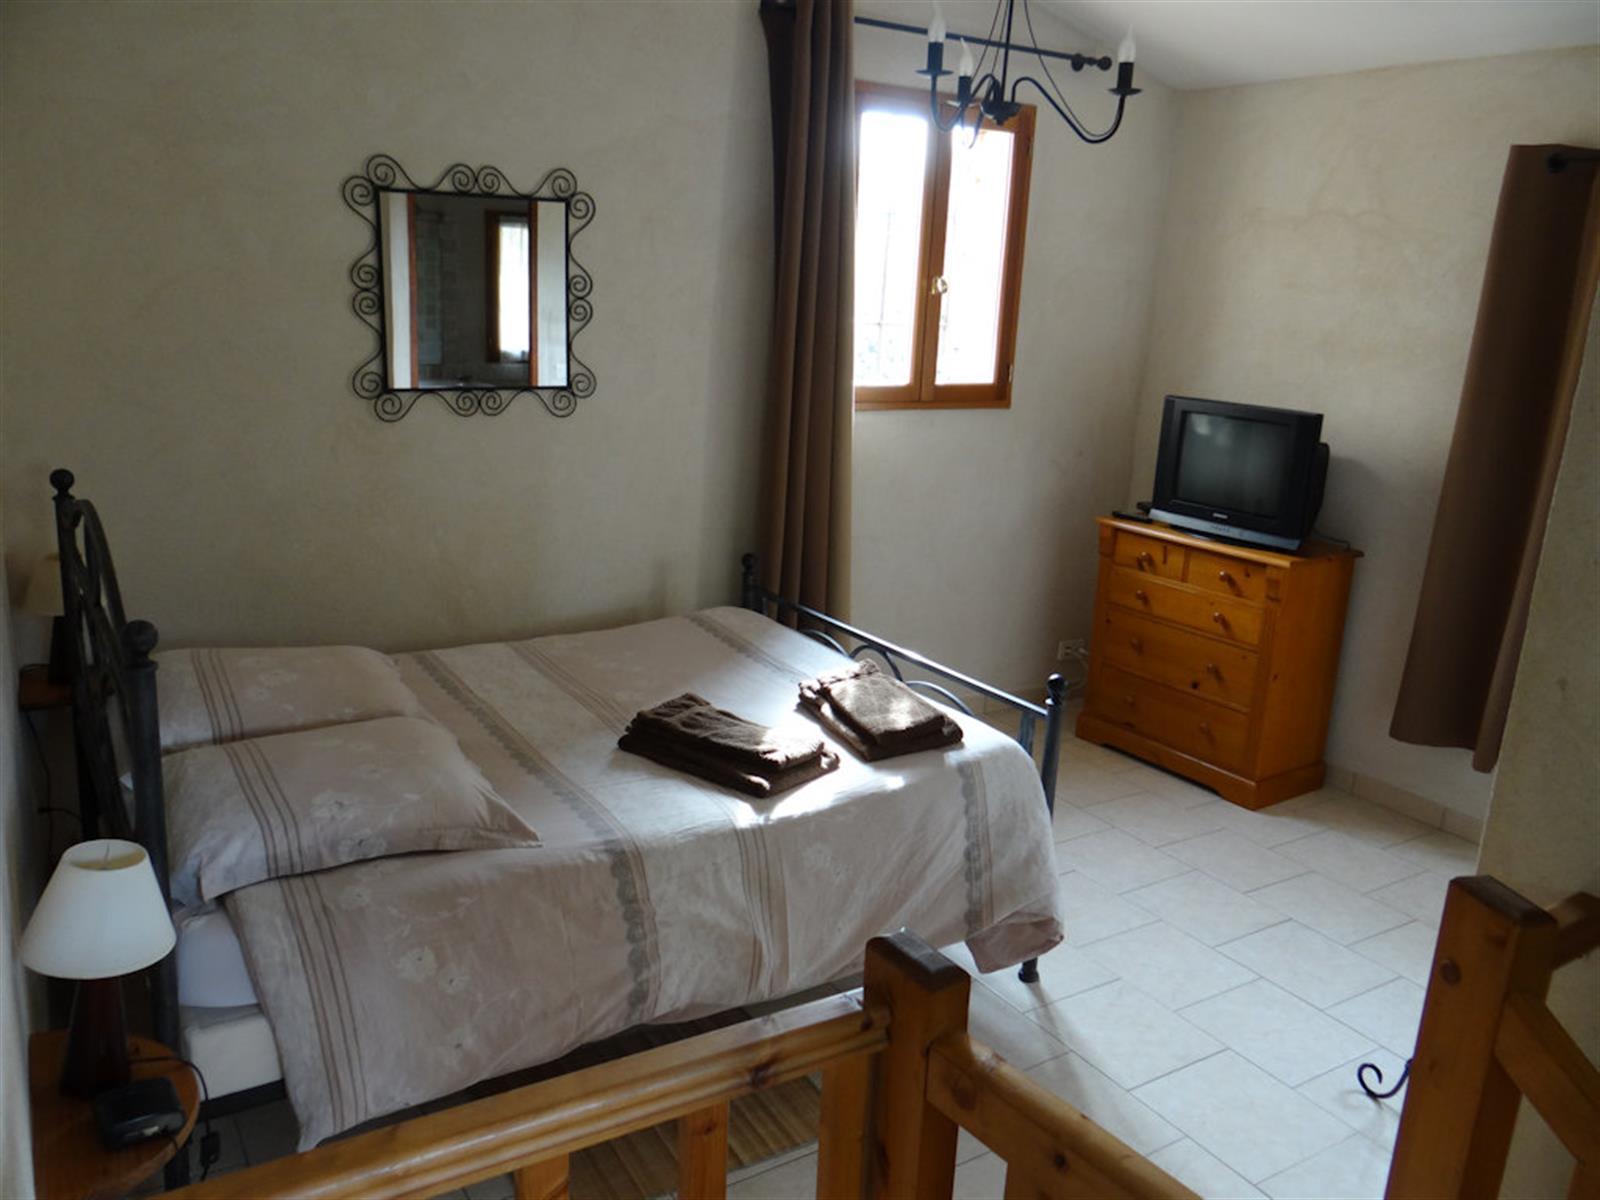 Maison de vacances - St-Cezaire-sur-Siagne (Grotte) - #4281618-2